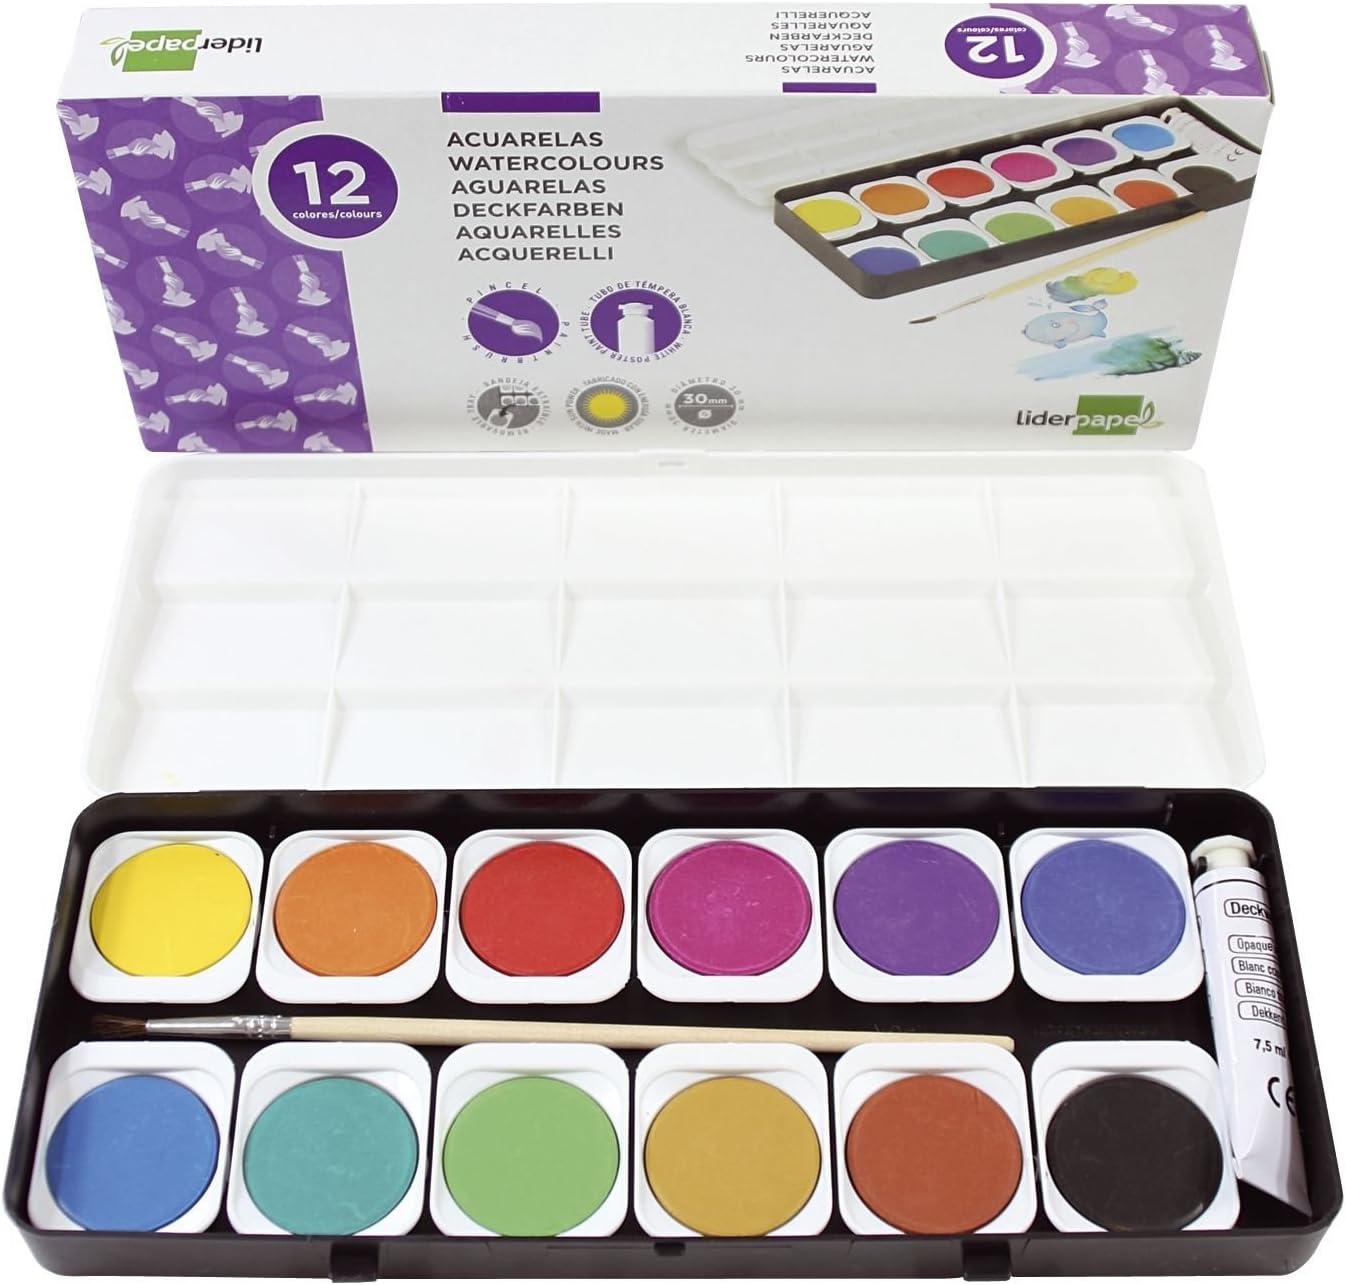 Liderpapel Acuarela 12 Colores Con Pincel Y Tubo De Tempera Blanca Estuche De Plástico: Amazon.es: Oficina y papelería